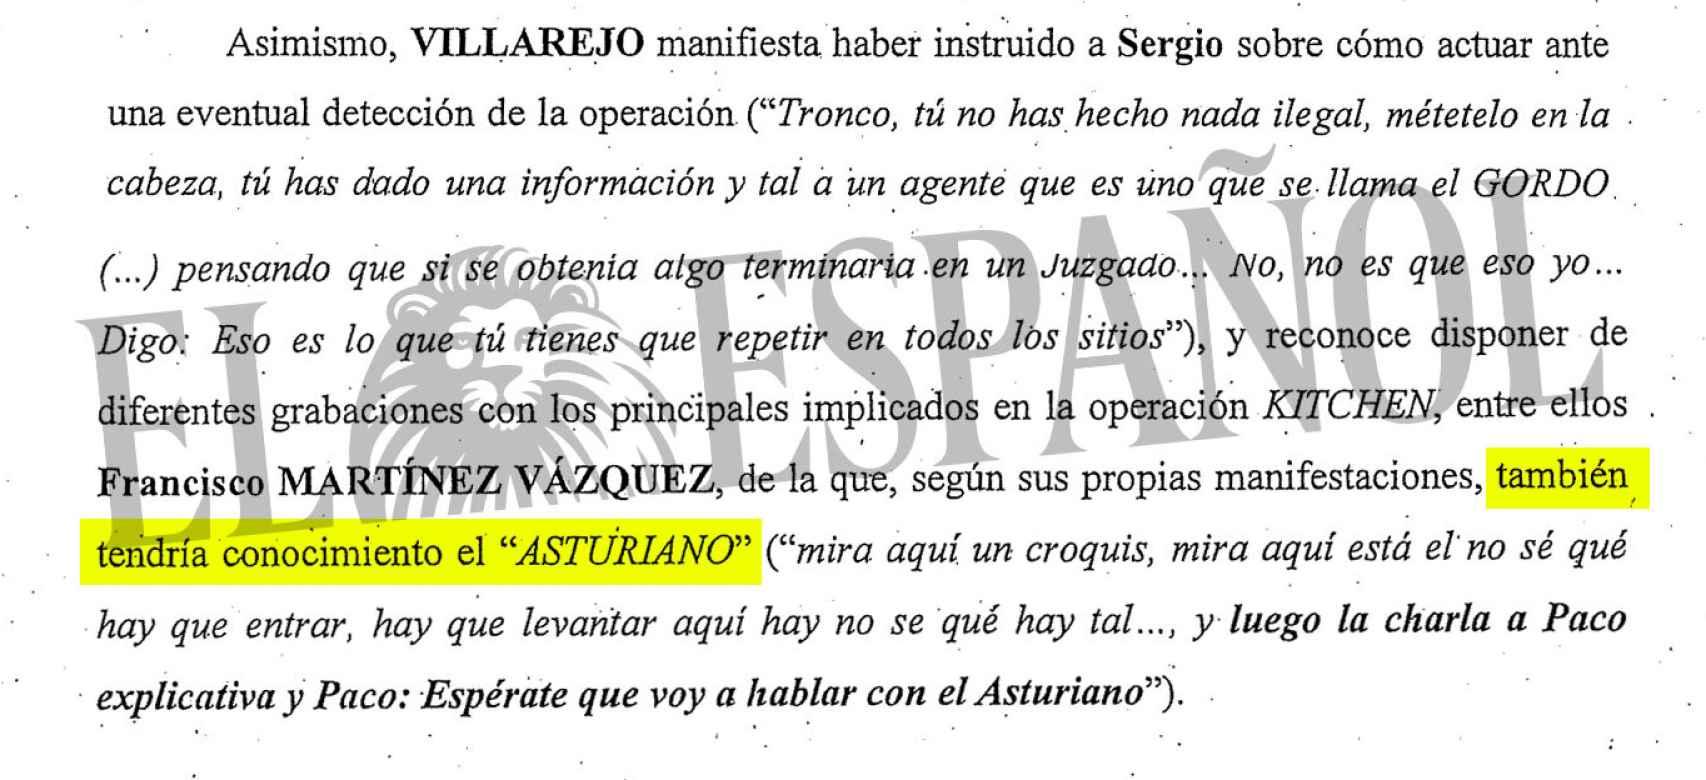 Villarejo asesora al chófer de Bárcebas sobre cómo actuar si le detienen.